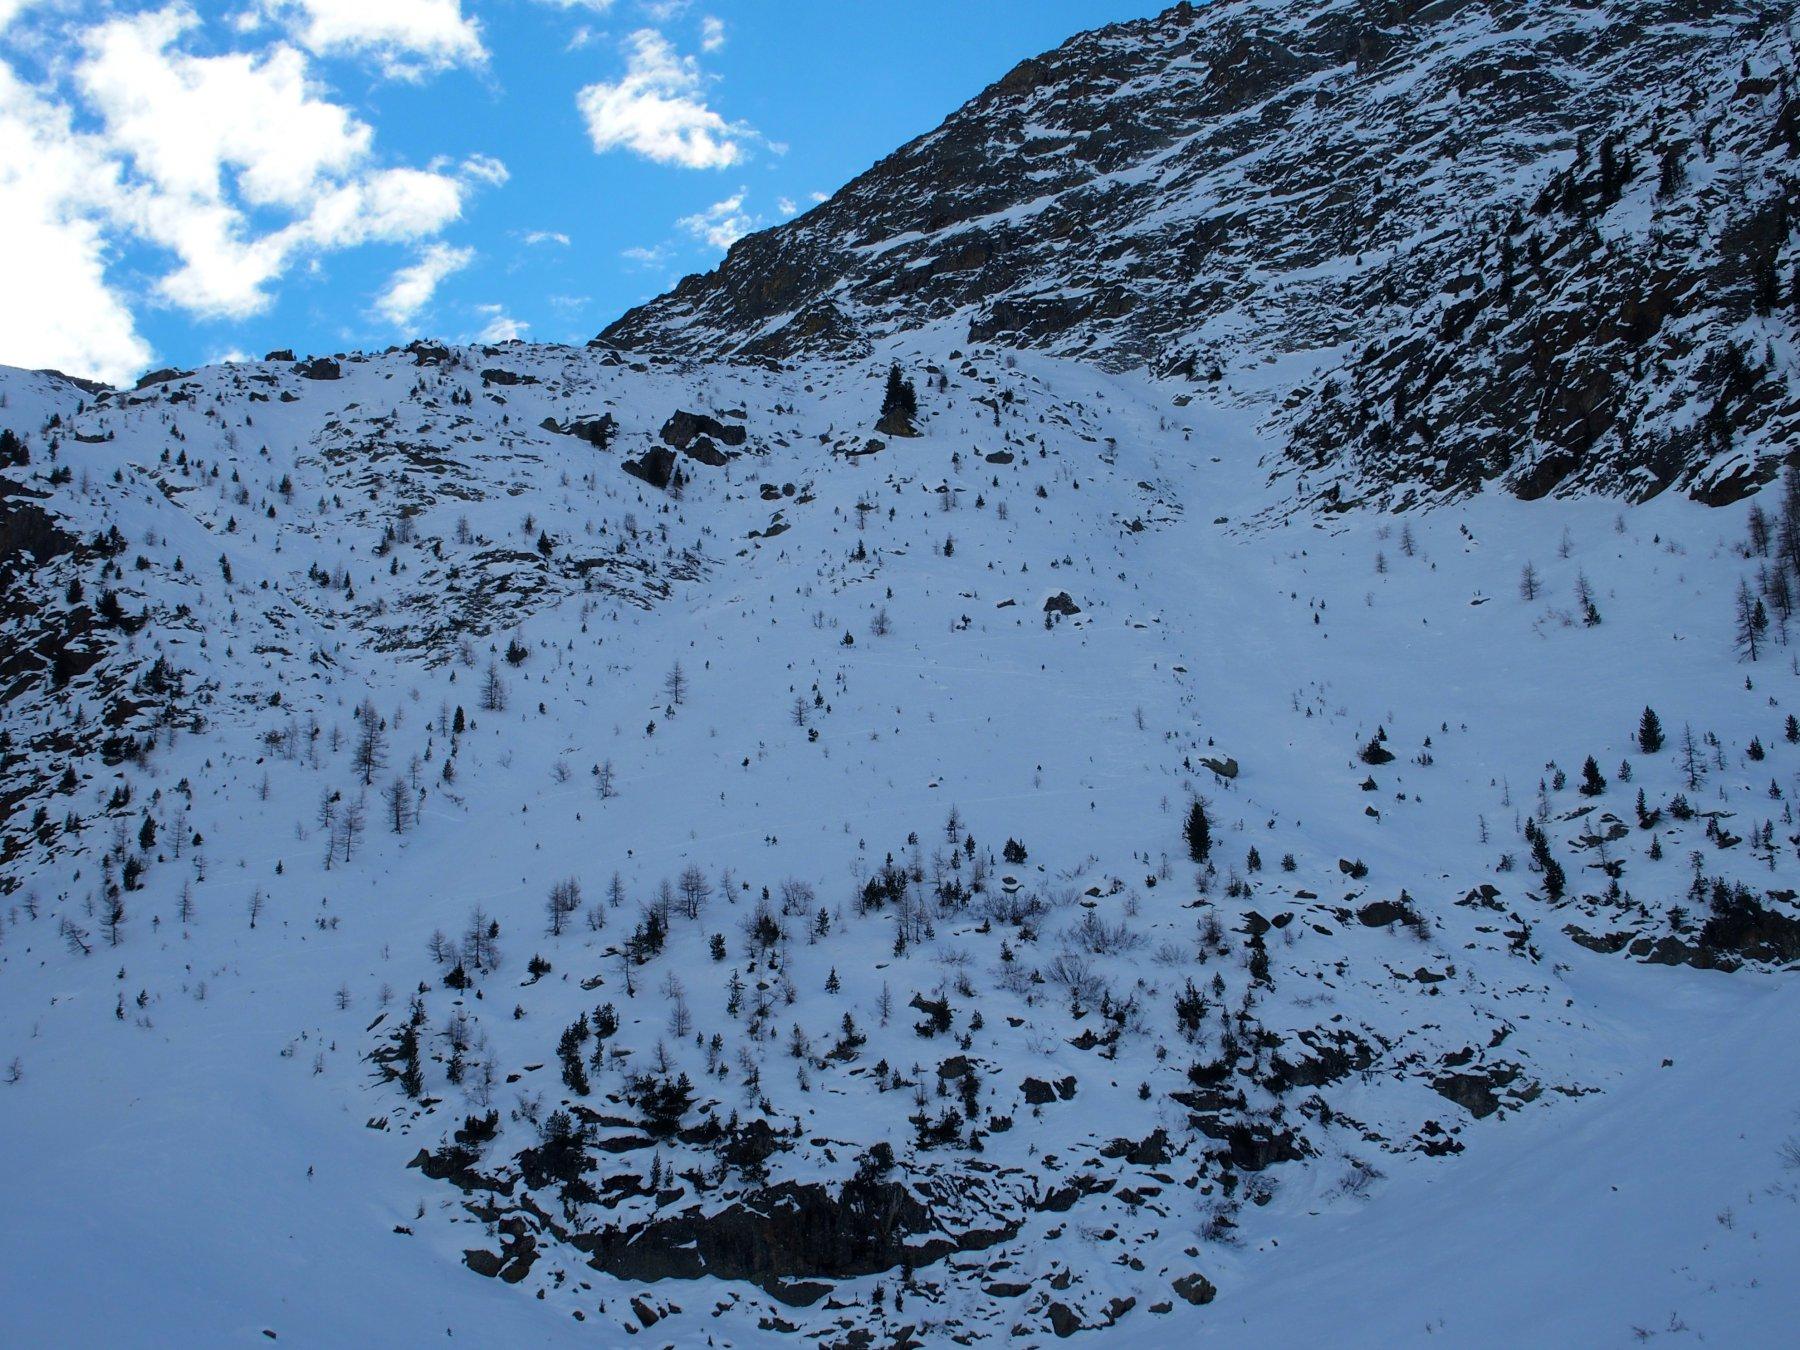 Ripidi pendii visti dall'alpeggio di Foillou